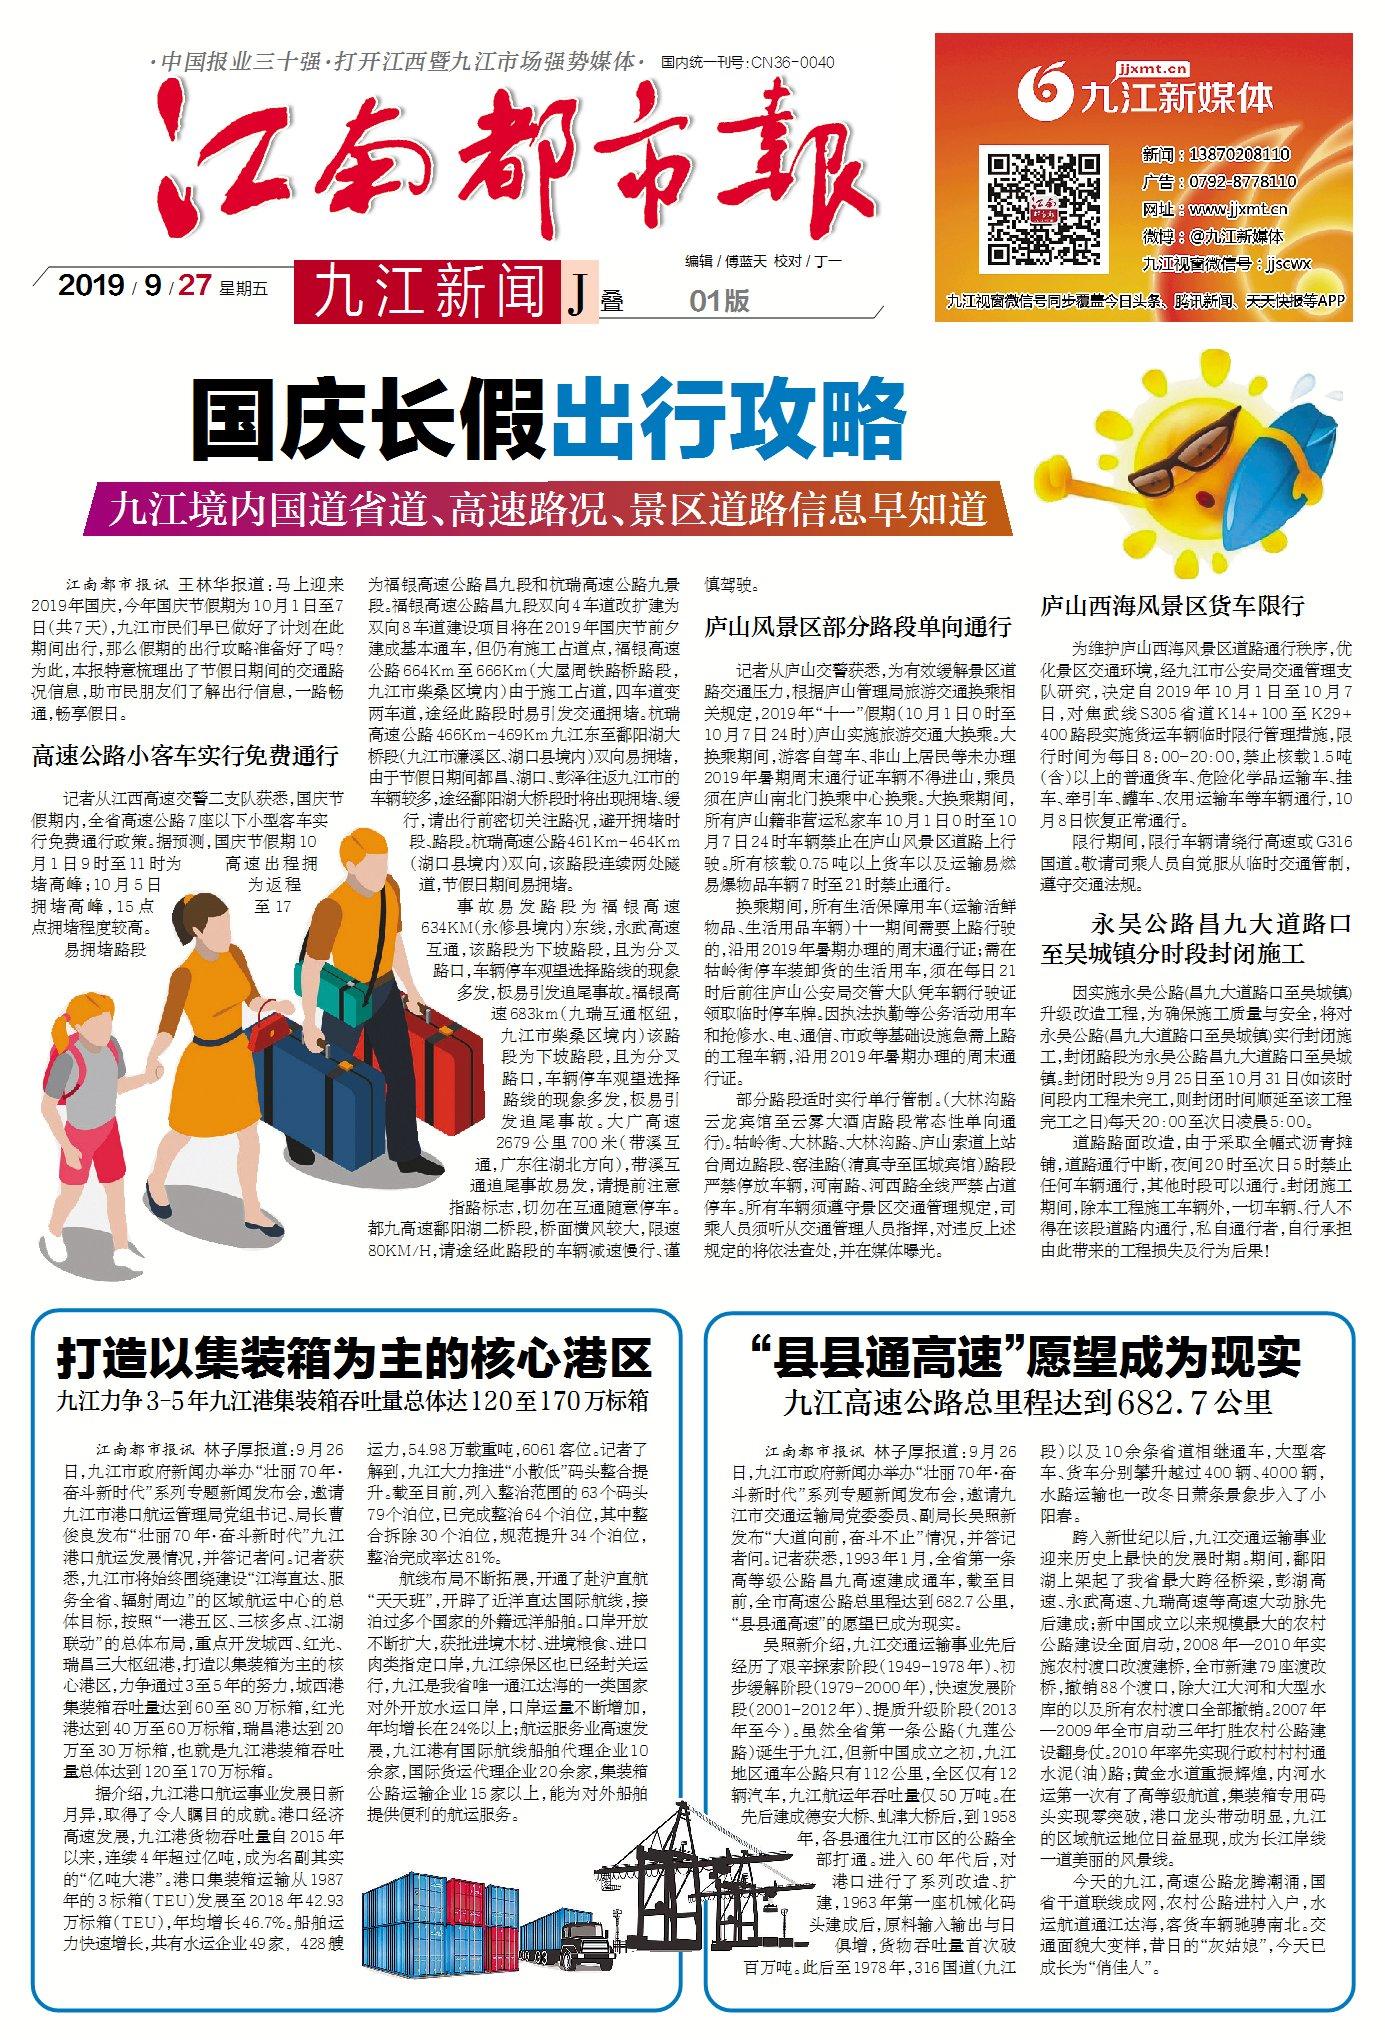 2019年9月27日江南都市报《亚博体育app苹果新闻》头版